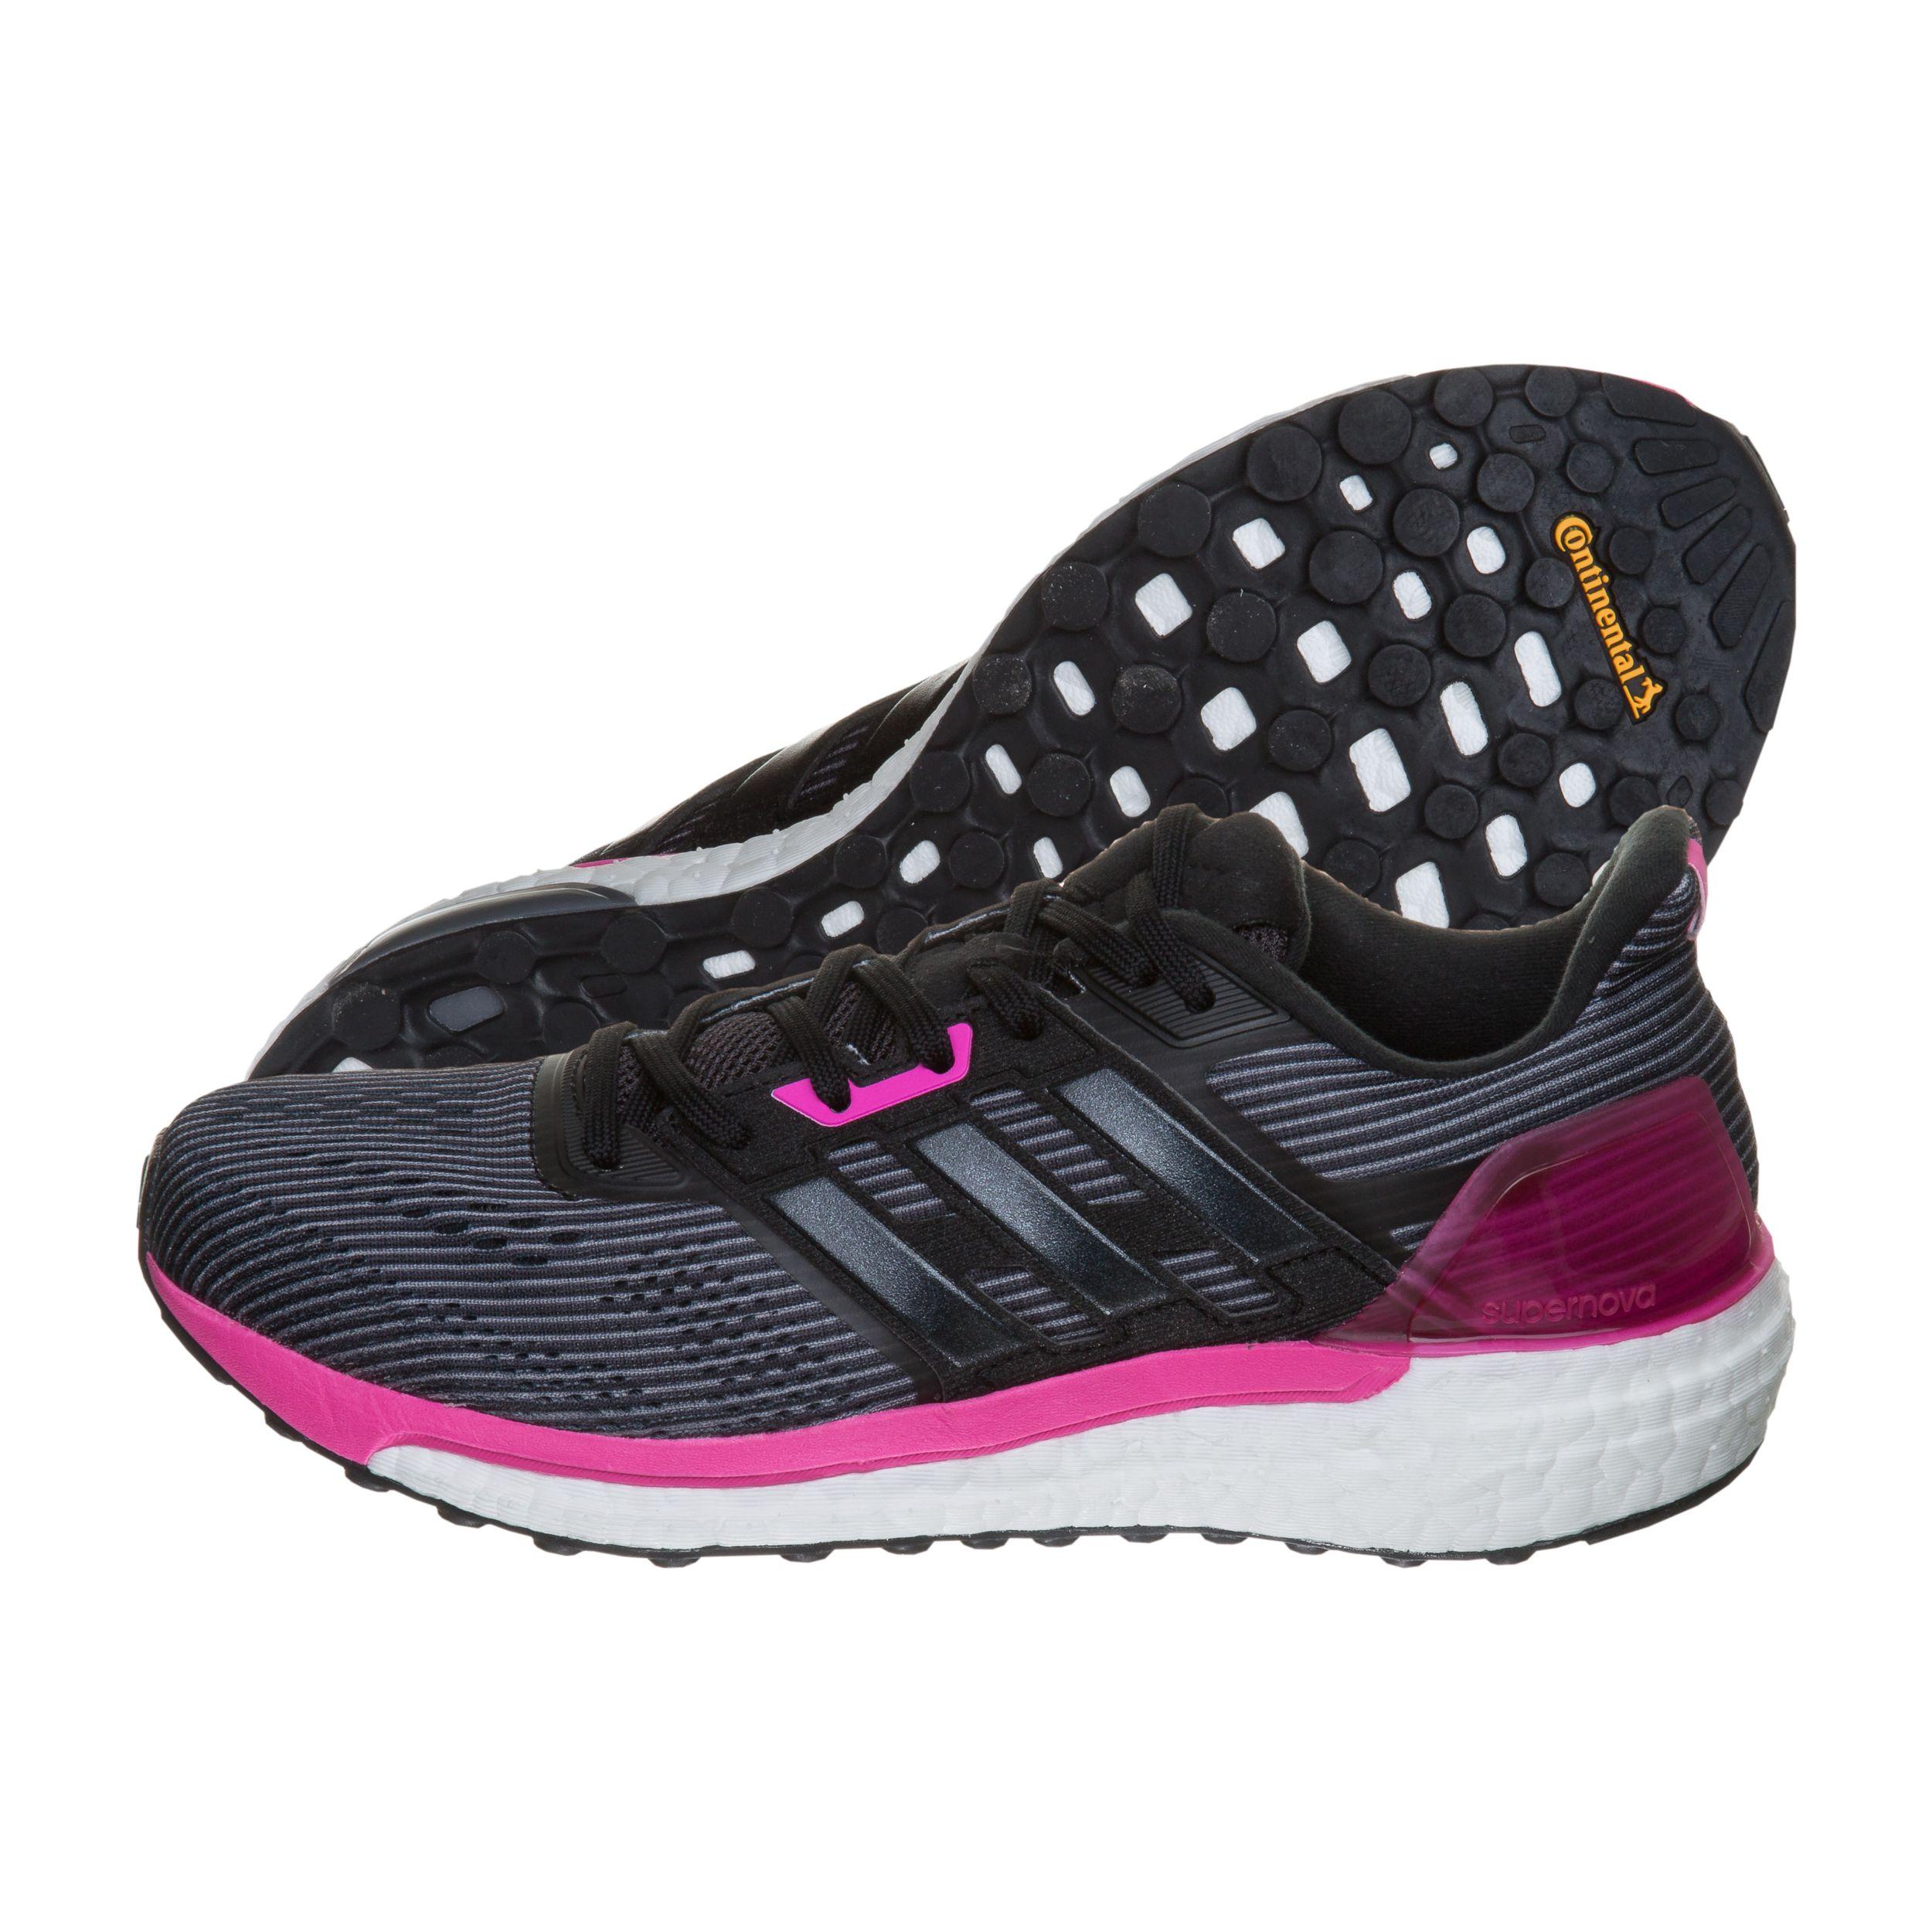 Details zu adidas Laufschuhe Supernova Damen schwarz BB3483 - NEU & OVP